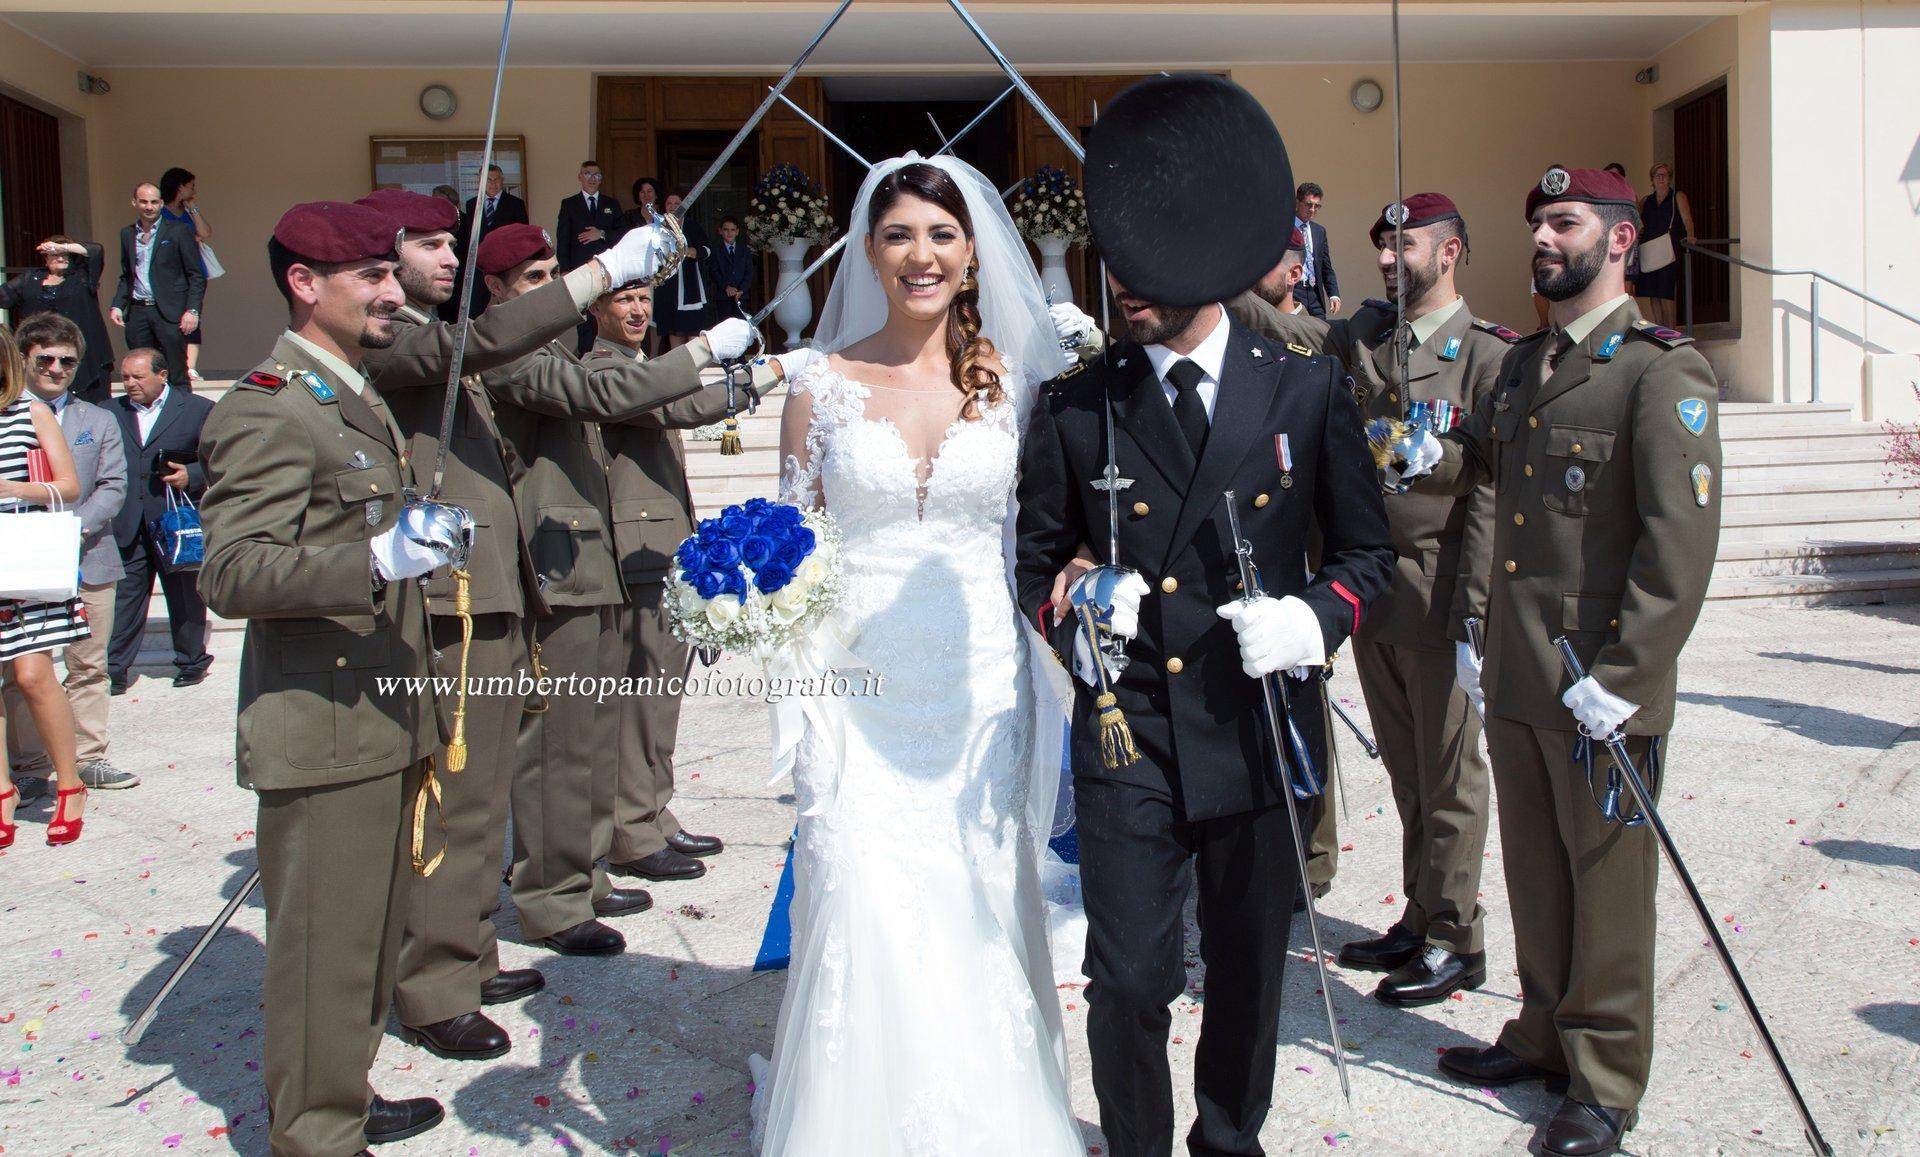 sposa e sposo in uniforme